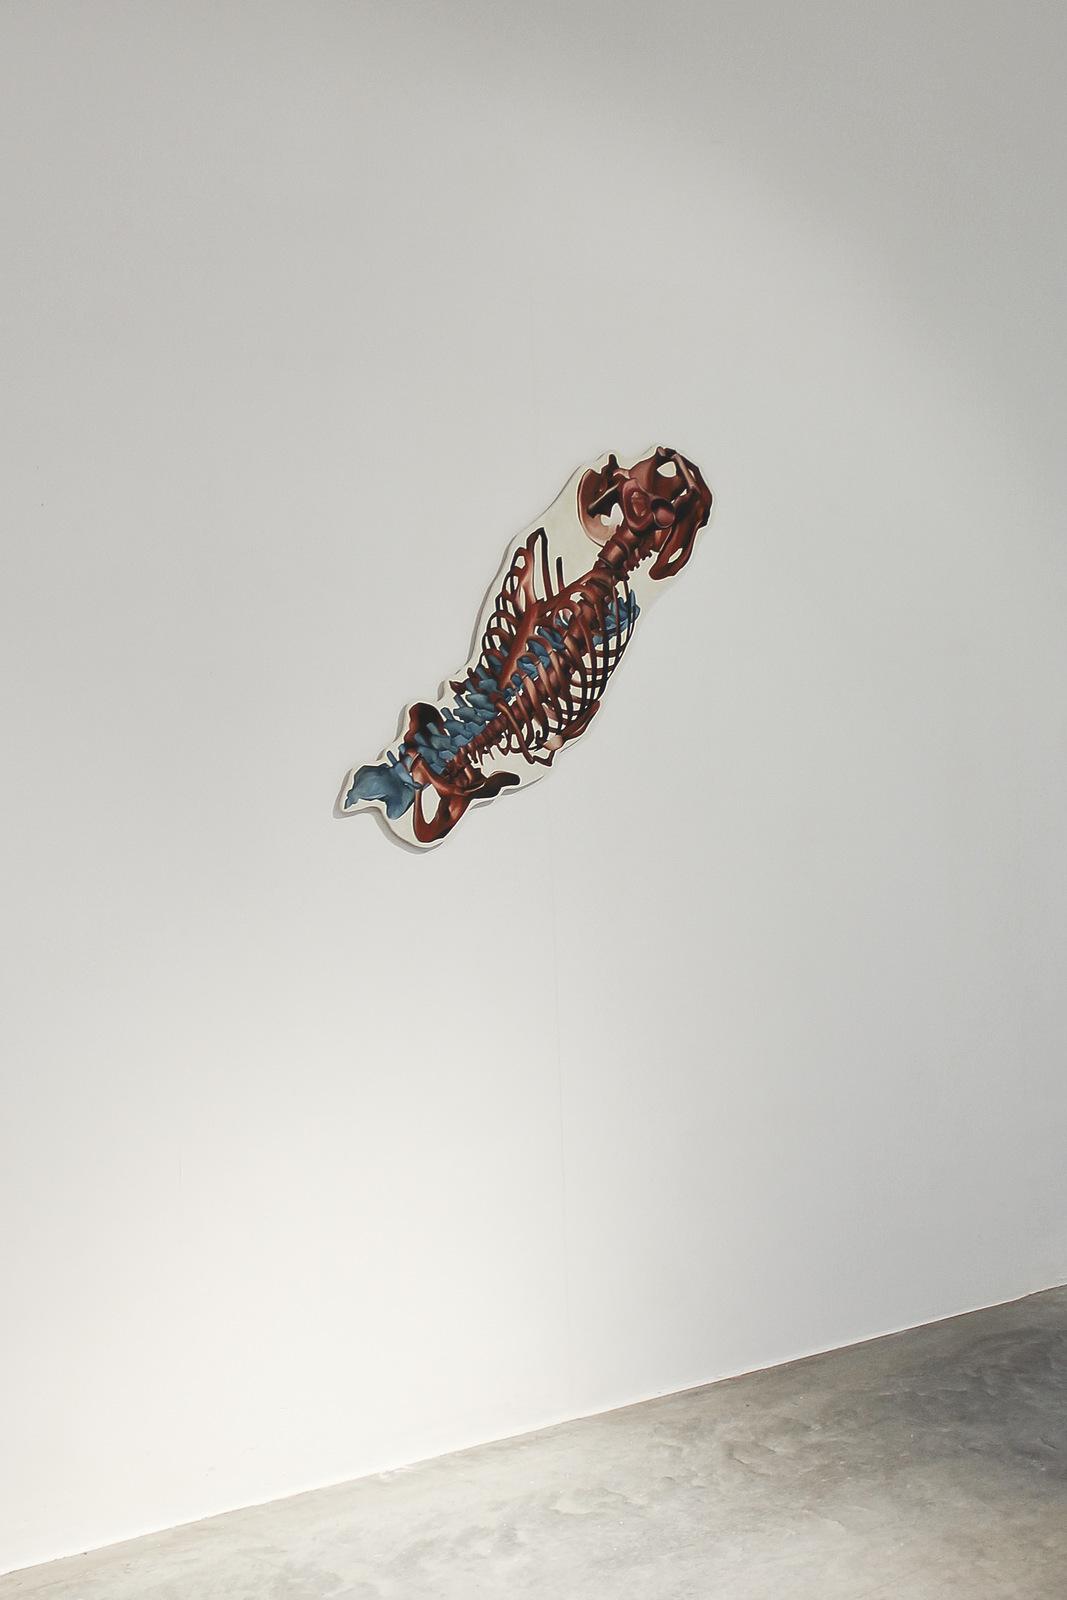 Federico Acal & Liesbeth Doms at DMW Art Space 16